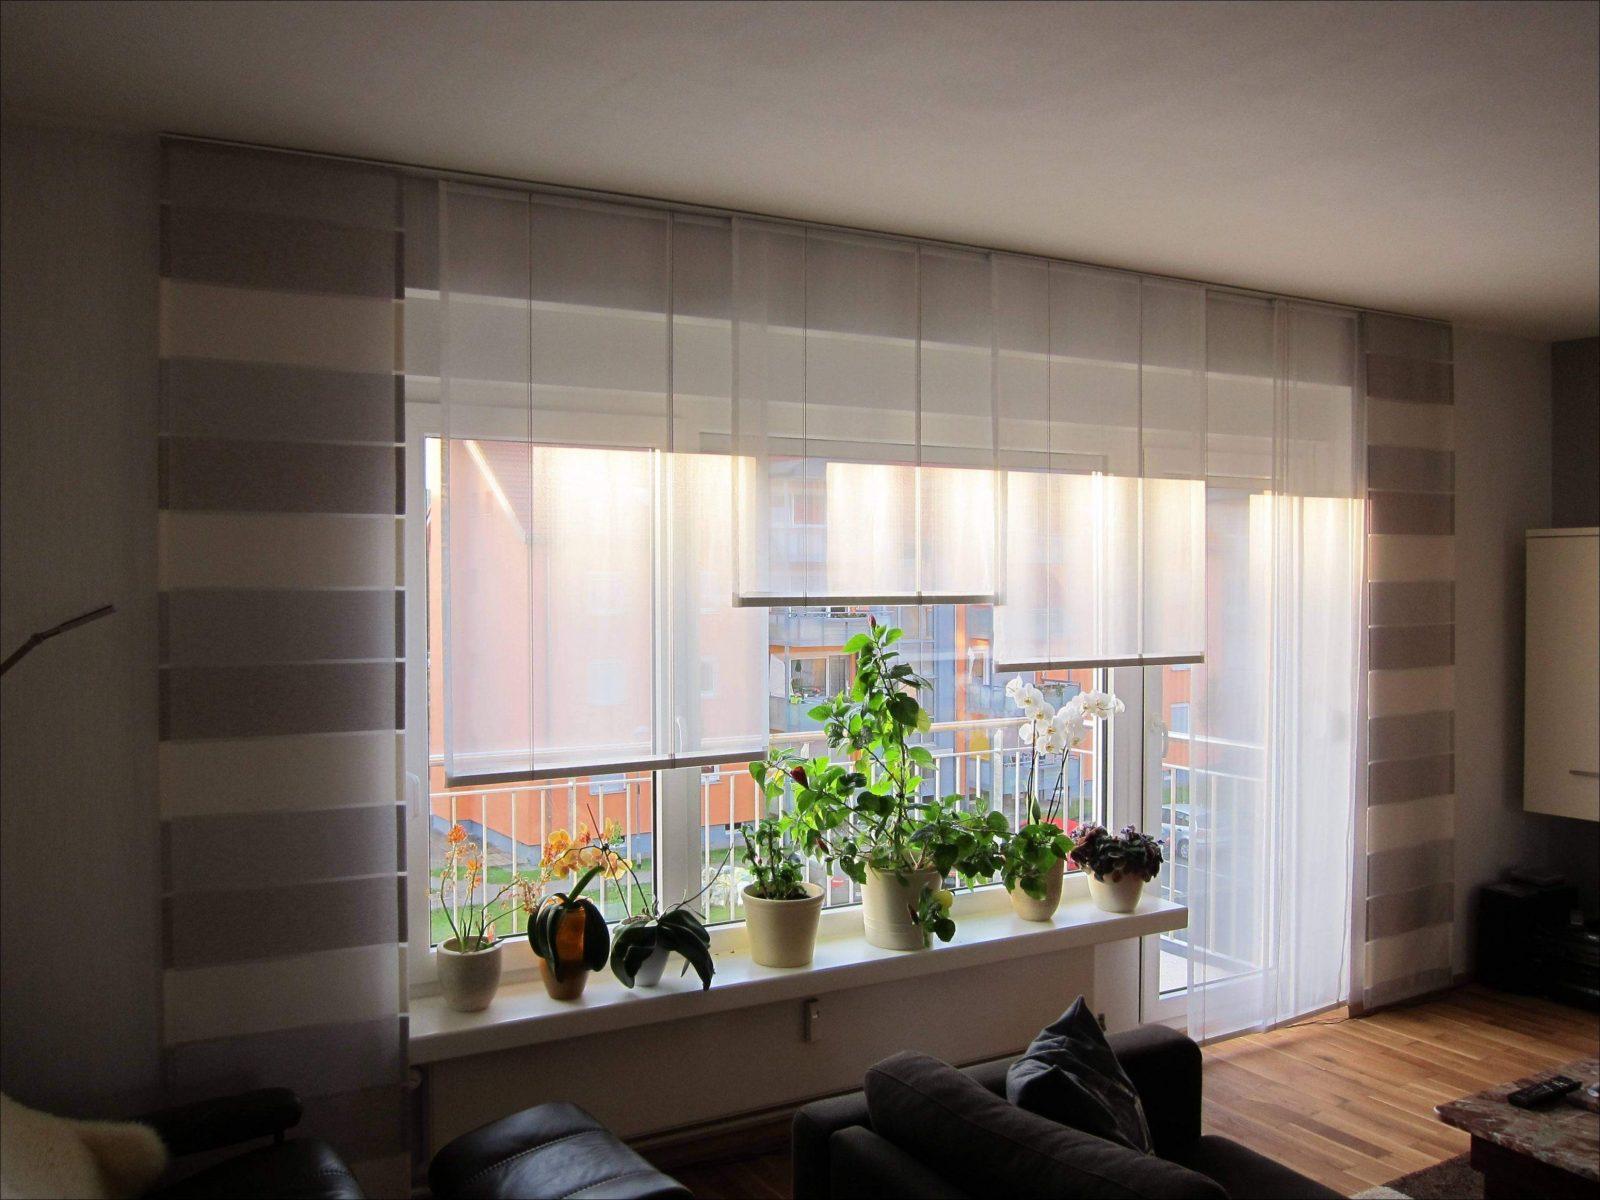 Wohnzimmer Gardinen Mit Balkontür Inspirierend 30 Einzigartig von Wohnzimmer Gardinen Mit Balkontür Bild